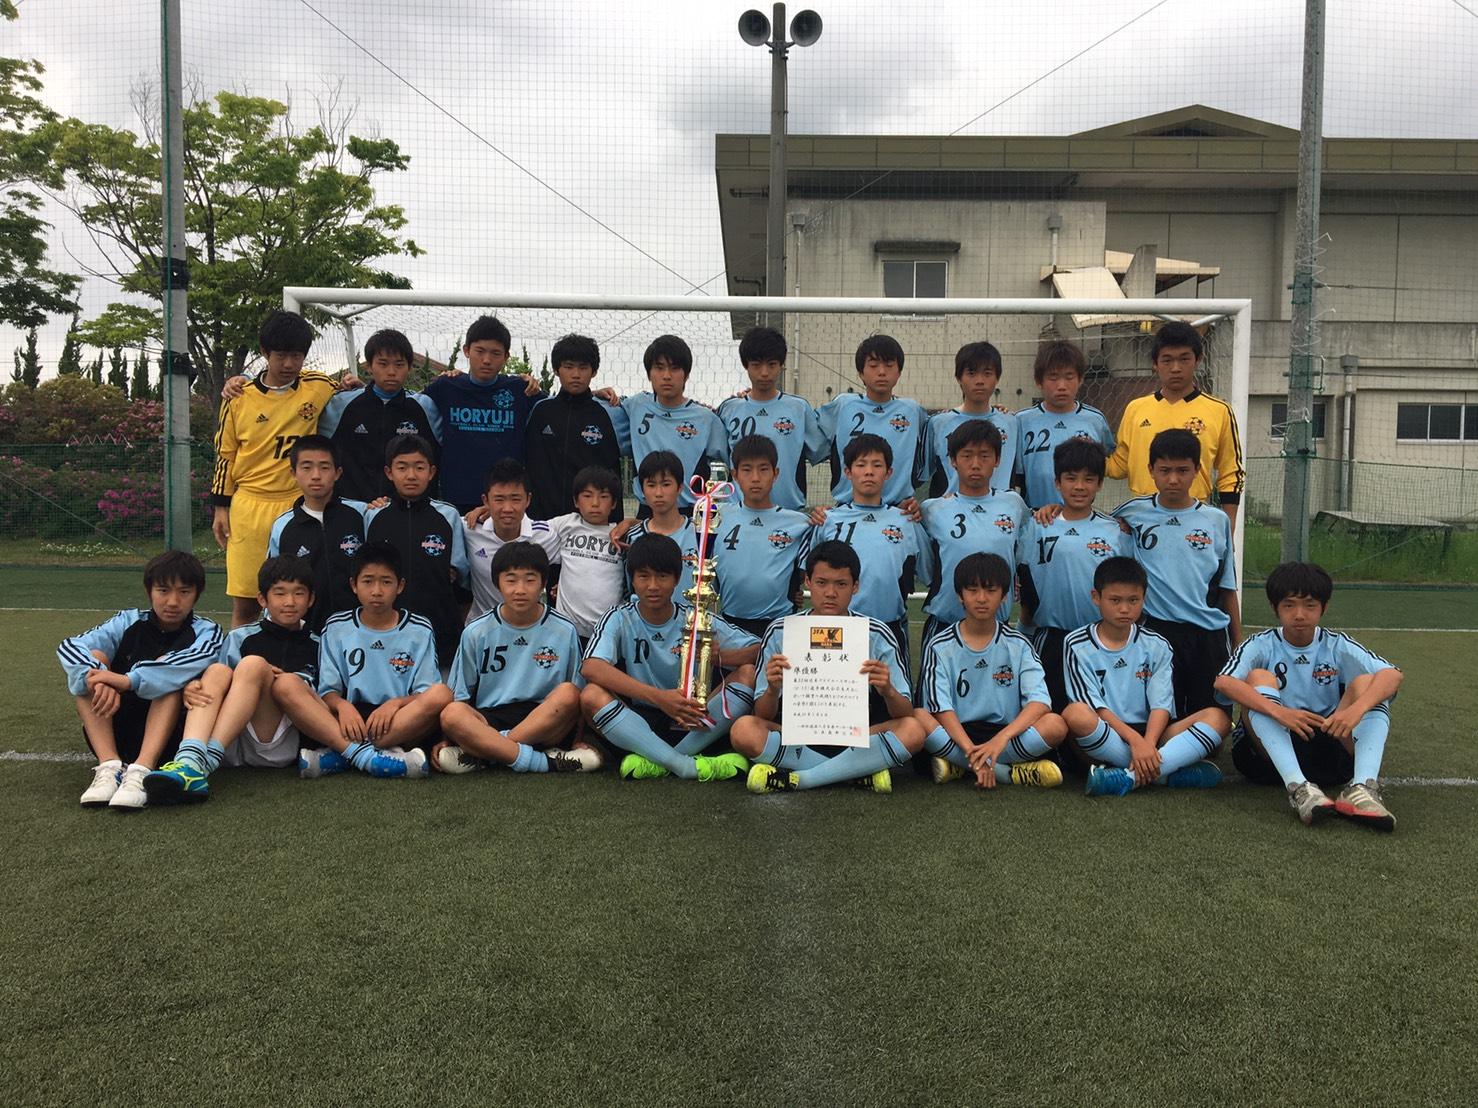 2017年度 日本クラブユースサッカー(U-15)選手権大会 奈良大会